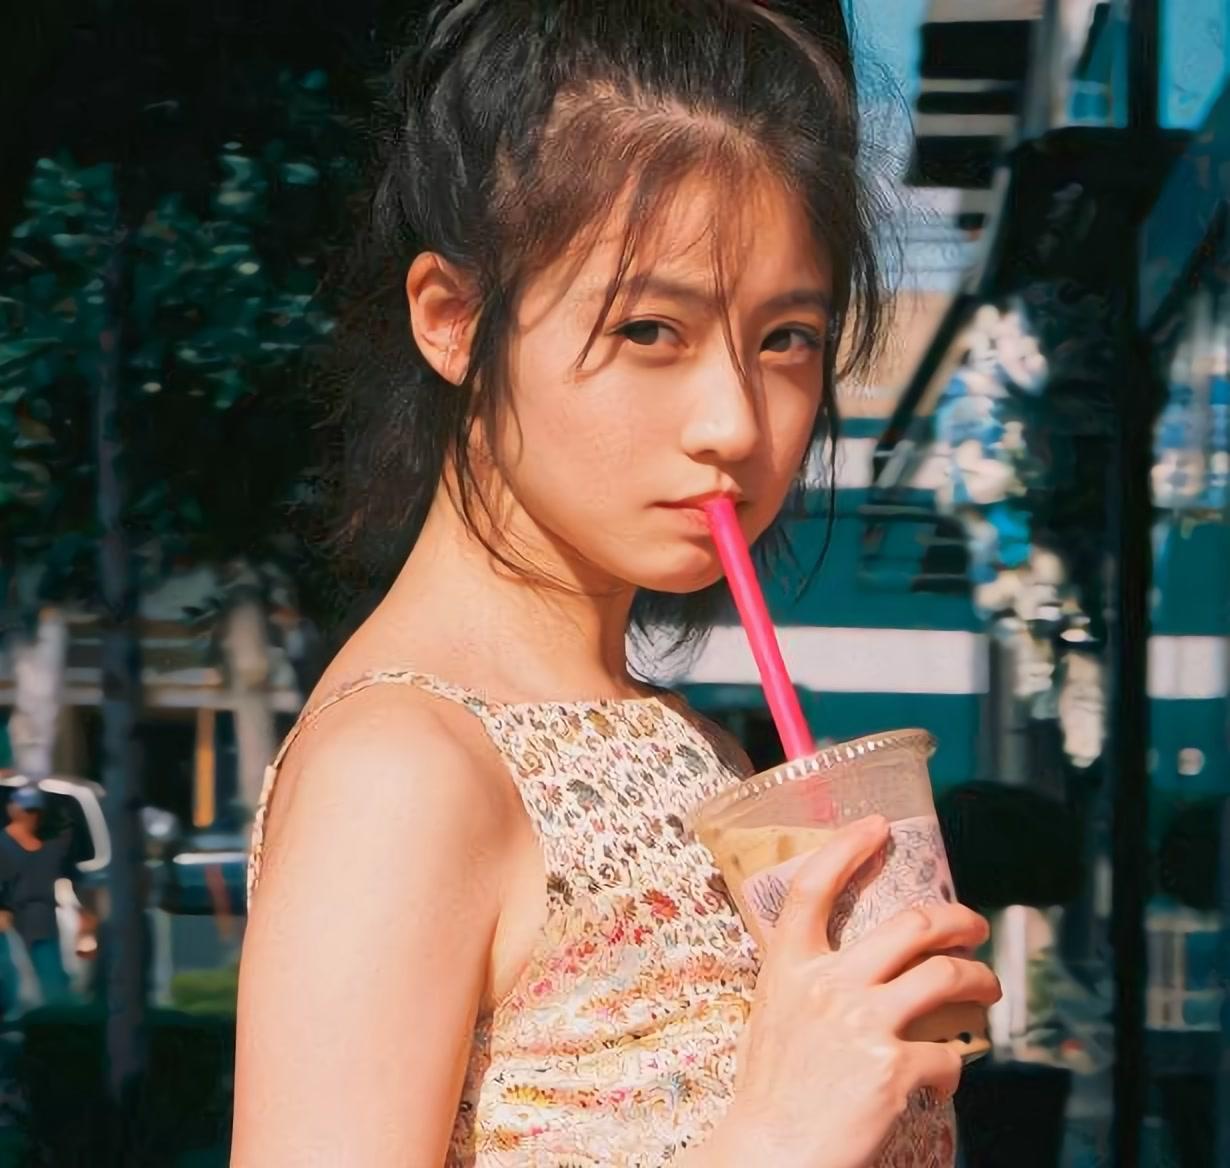 24岁今田美樱,神仙颜值魔鬼身材,这个日本女神也太美了